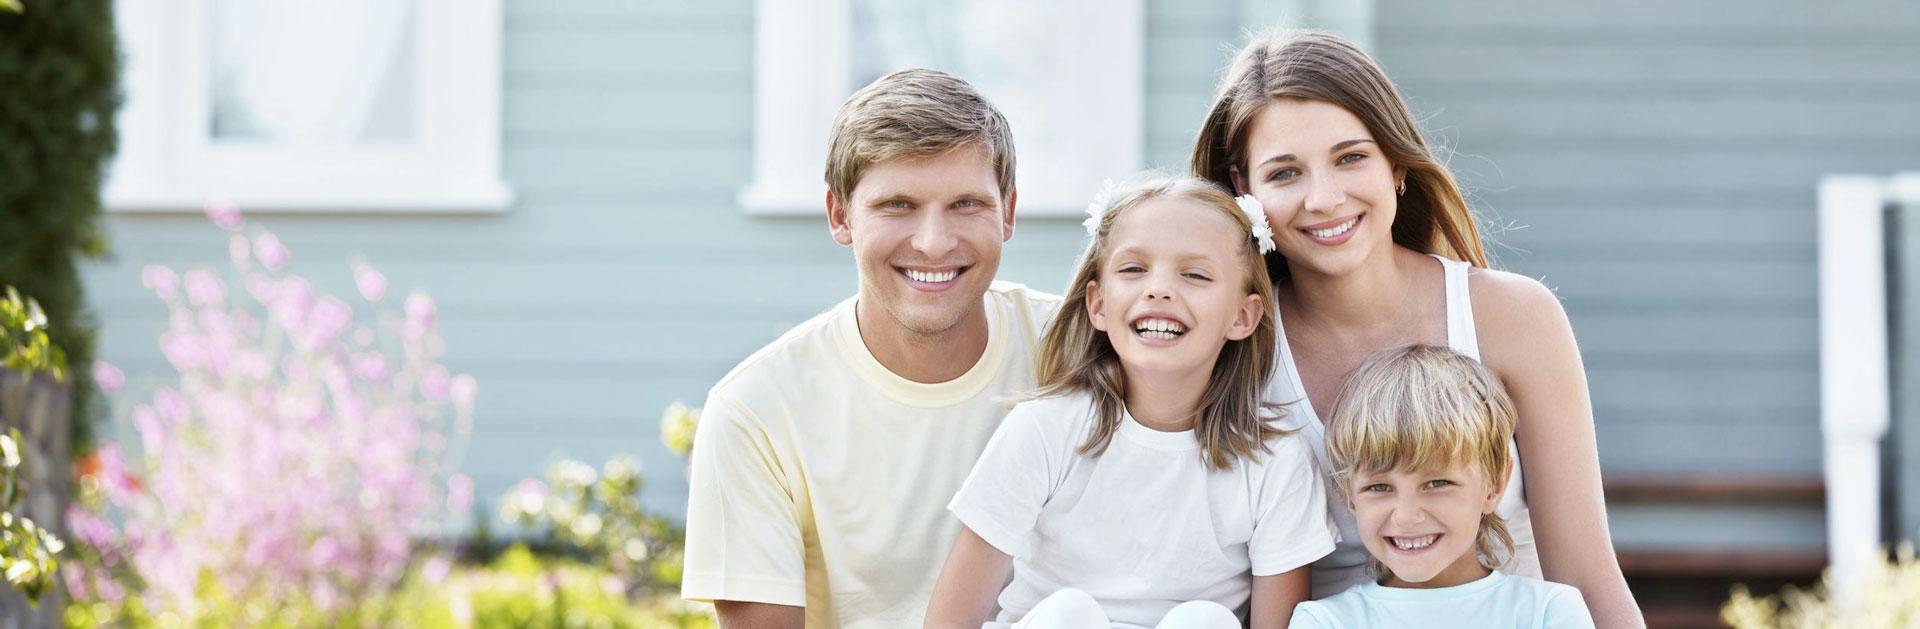 Zdrowie i uroda dla całej rodziny